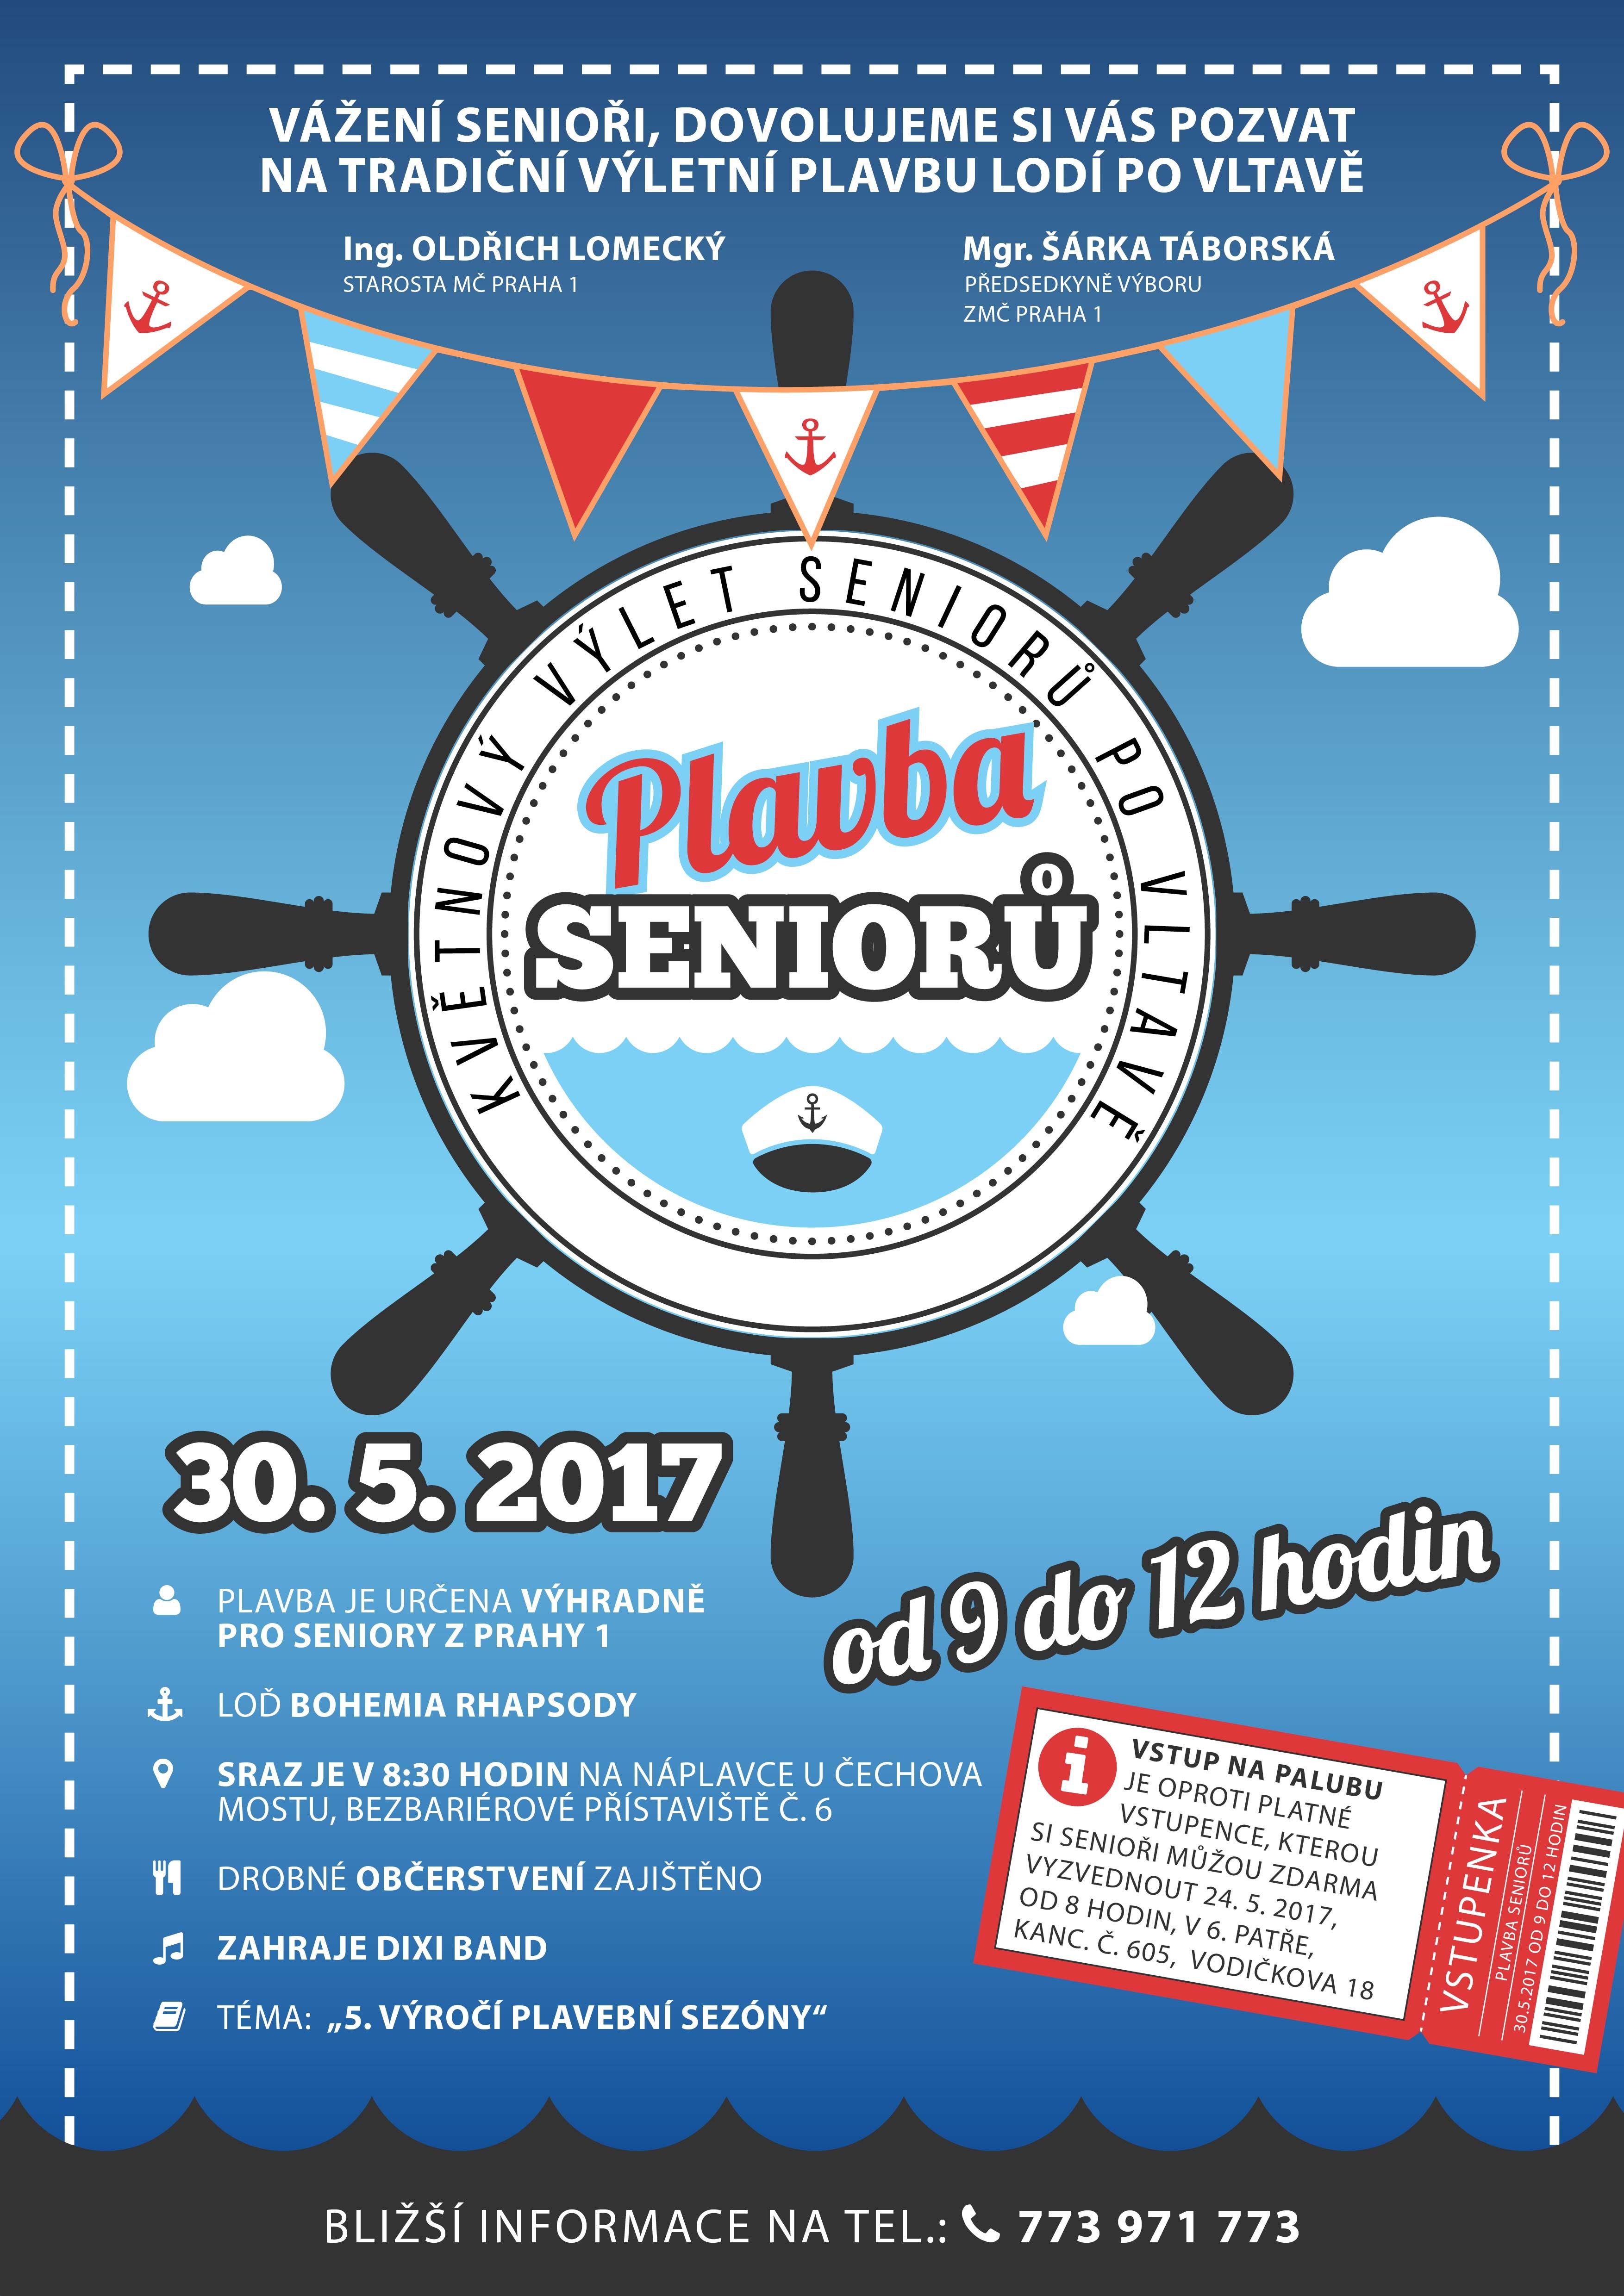 Plavba seniorů